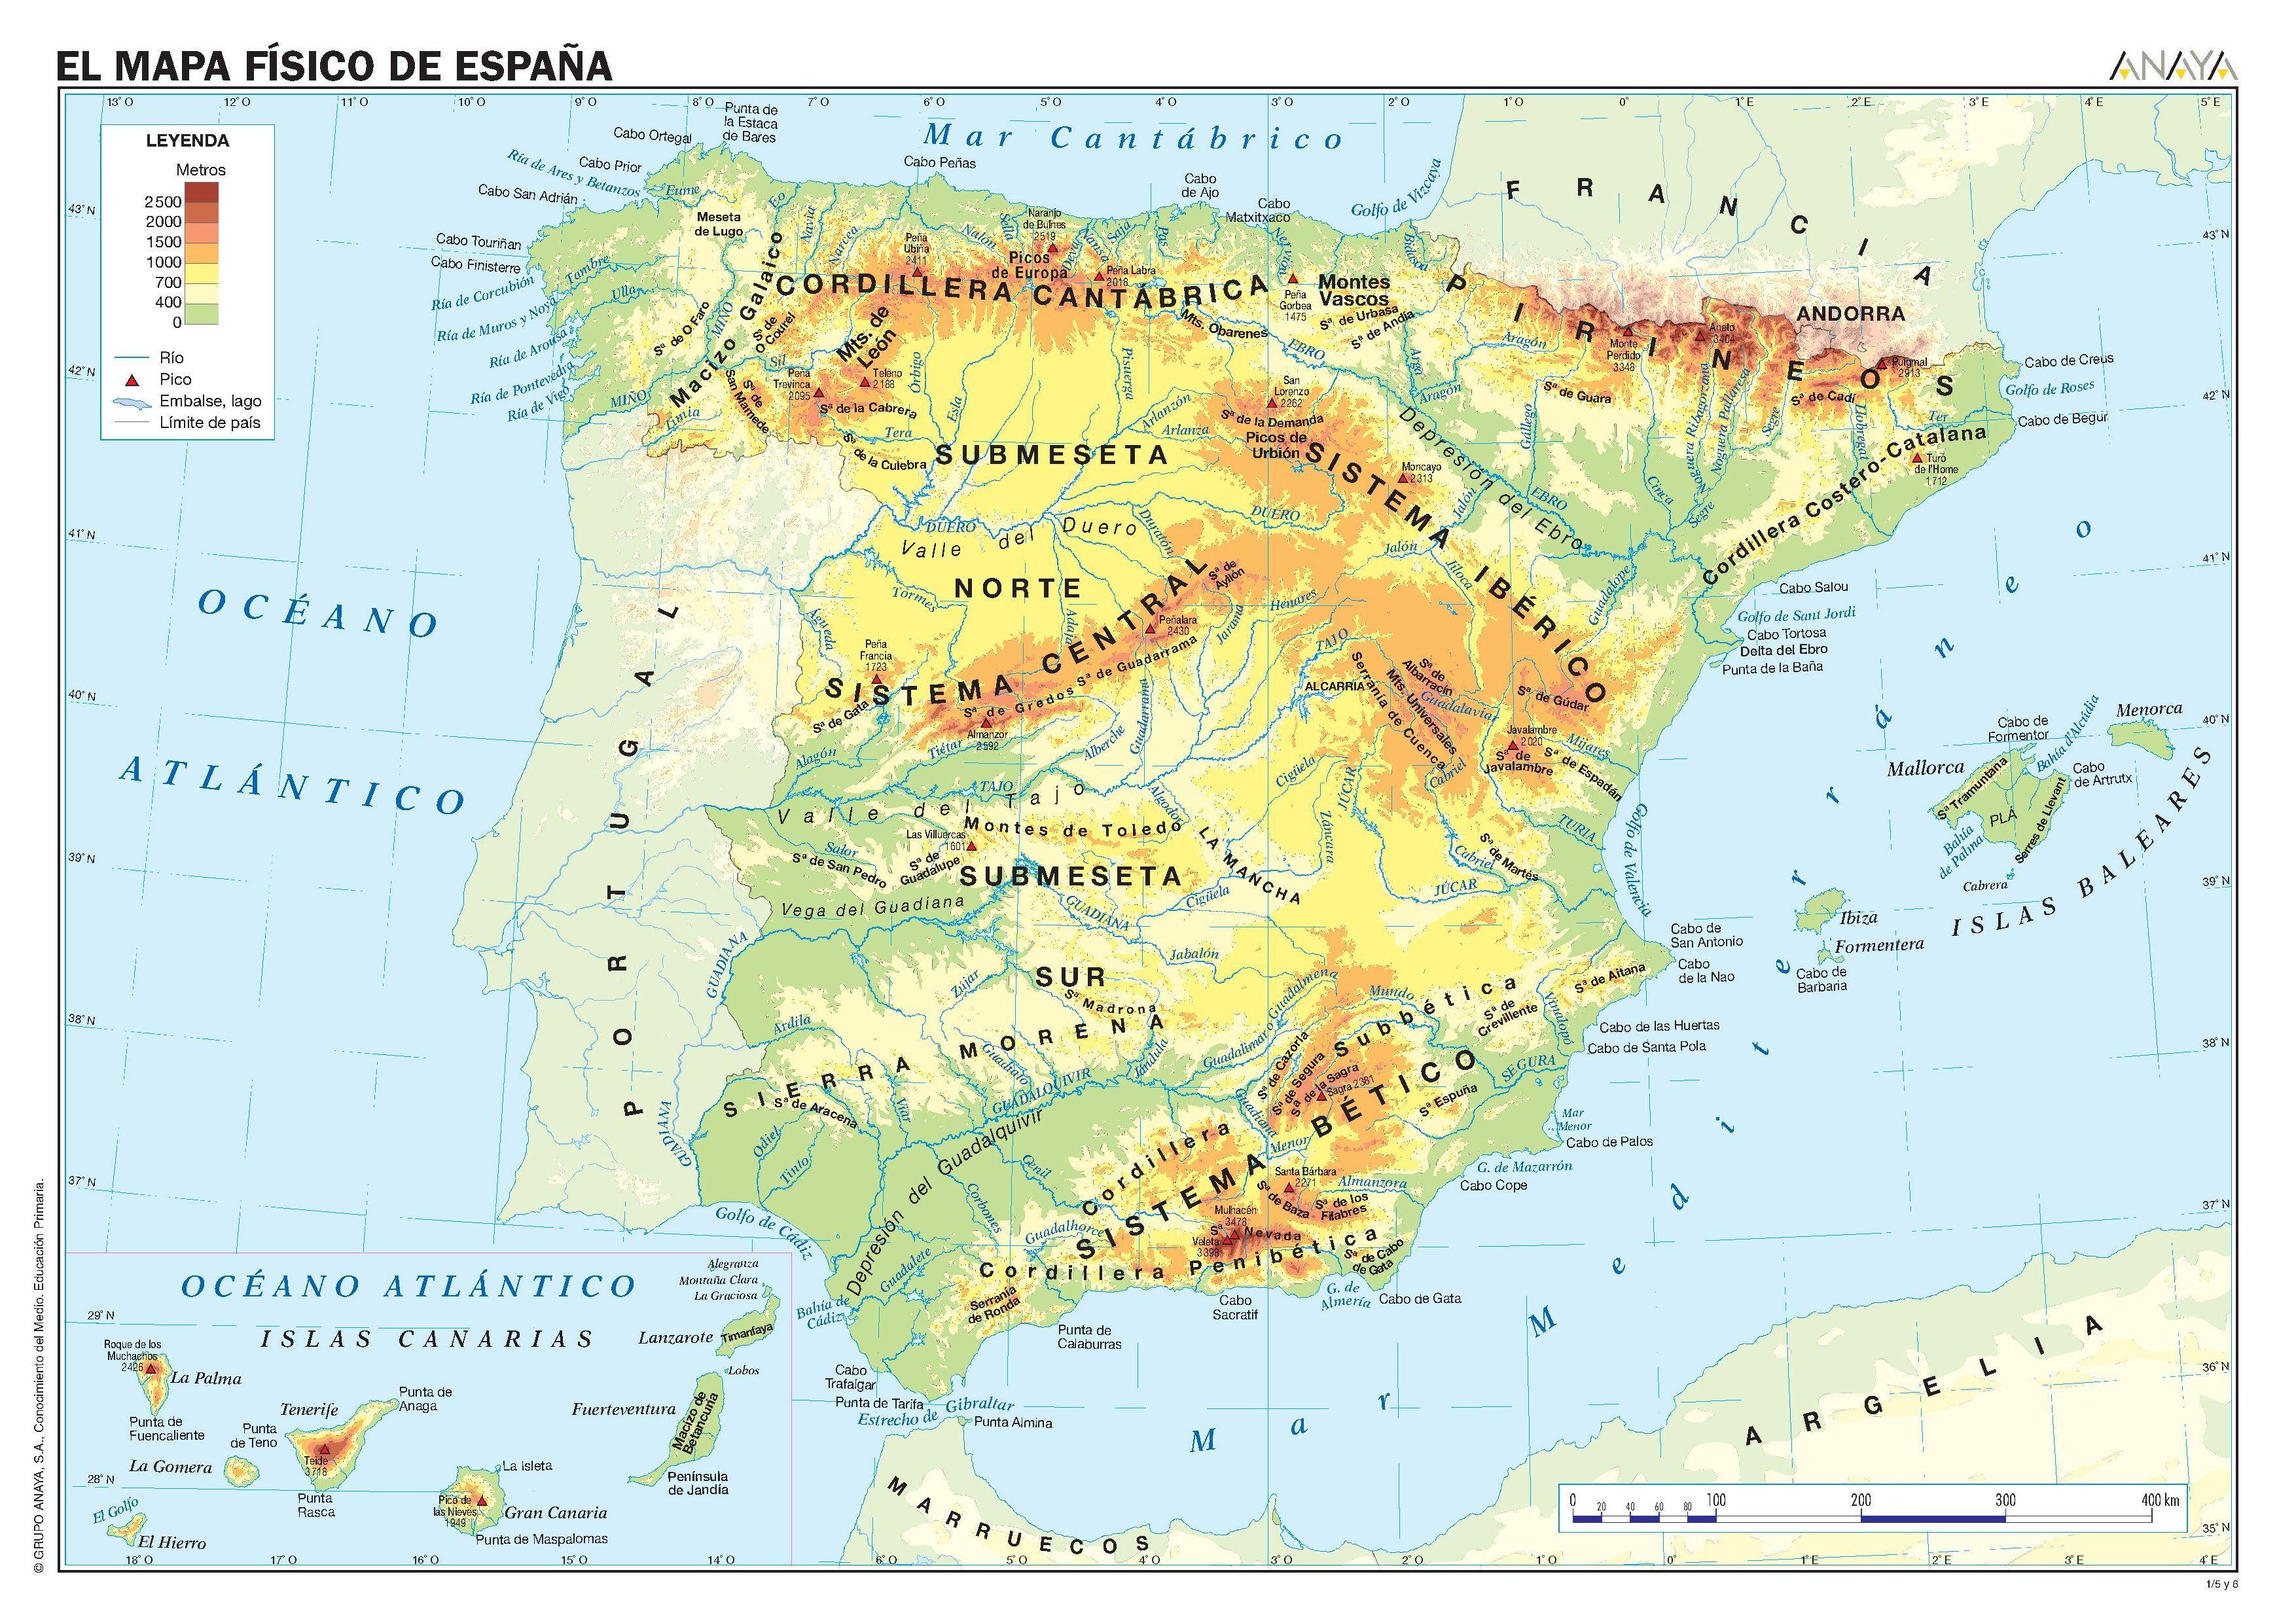 Mapa Rios De España 6 Primaria.Mapas De Espana Fisicos Politicos Y Mudos Mapa Fisico De